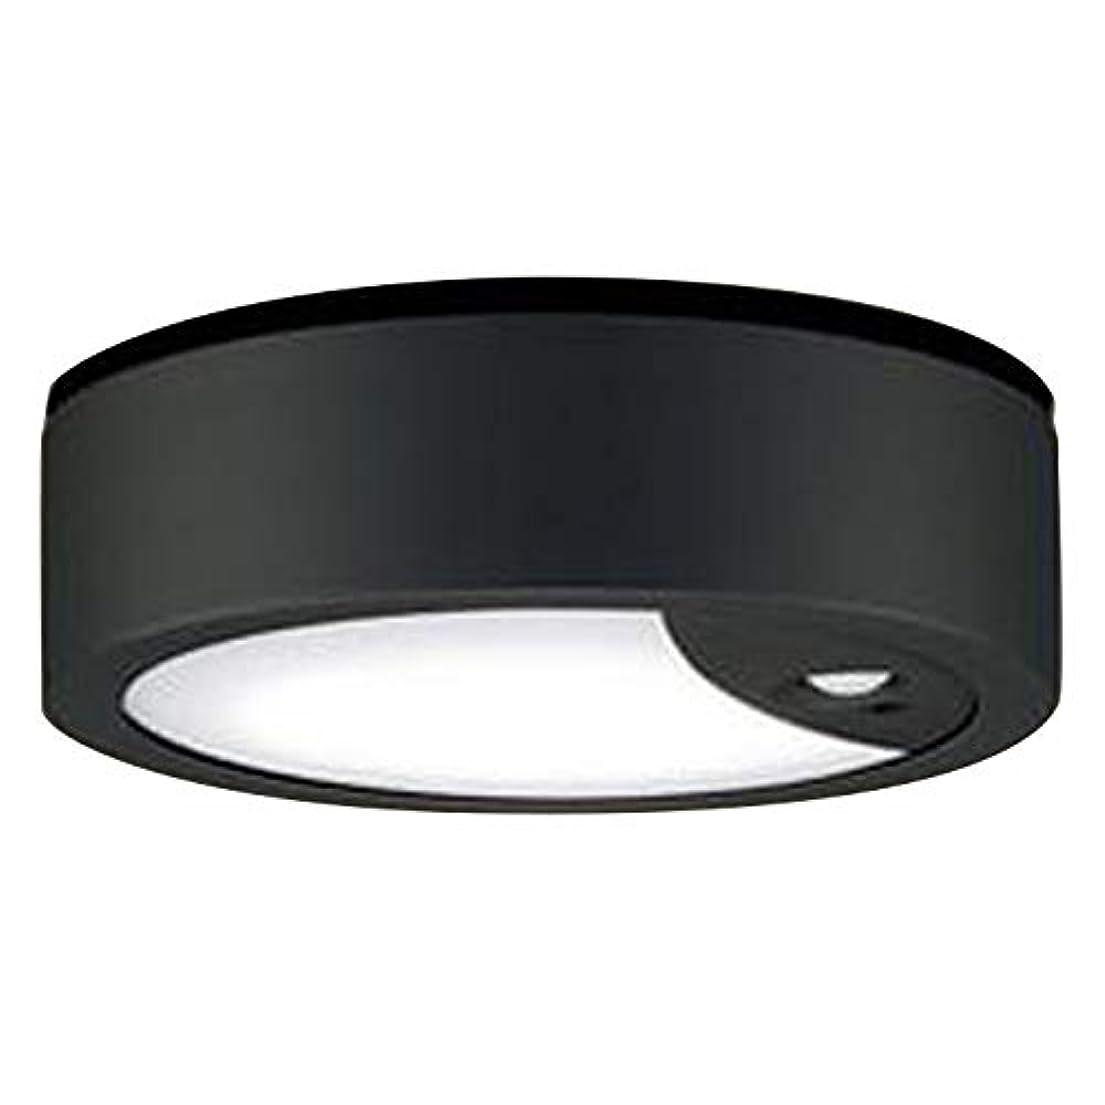 有益な無意味欠伸パナソニック ダウンシーリングライト LGWC51524LE1 100形 拡散 ブラック